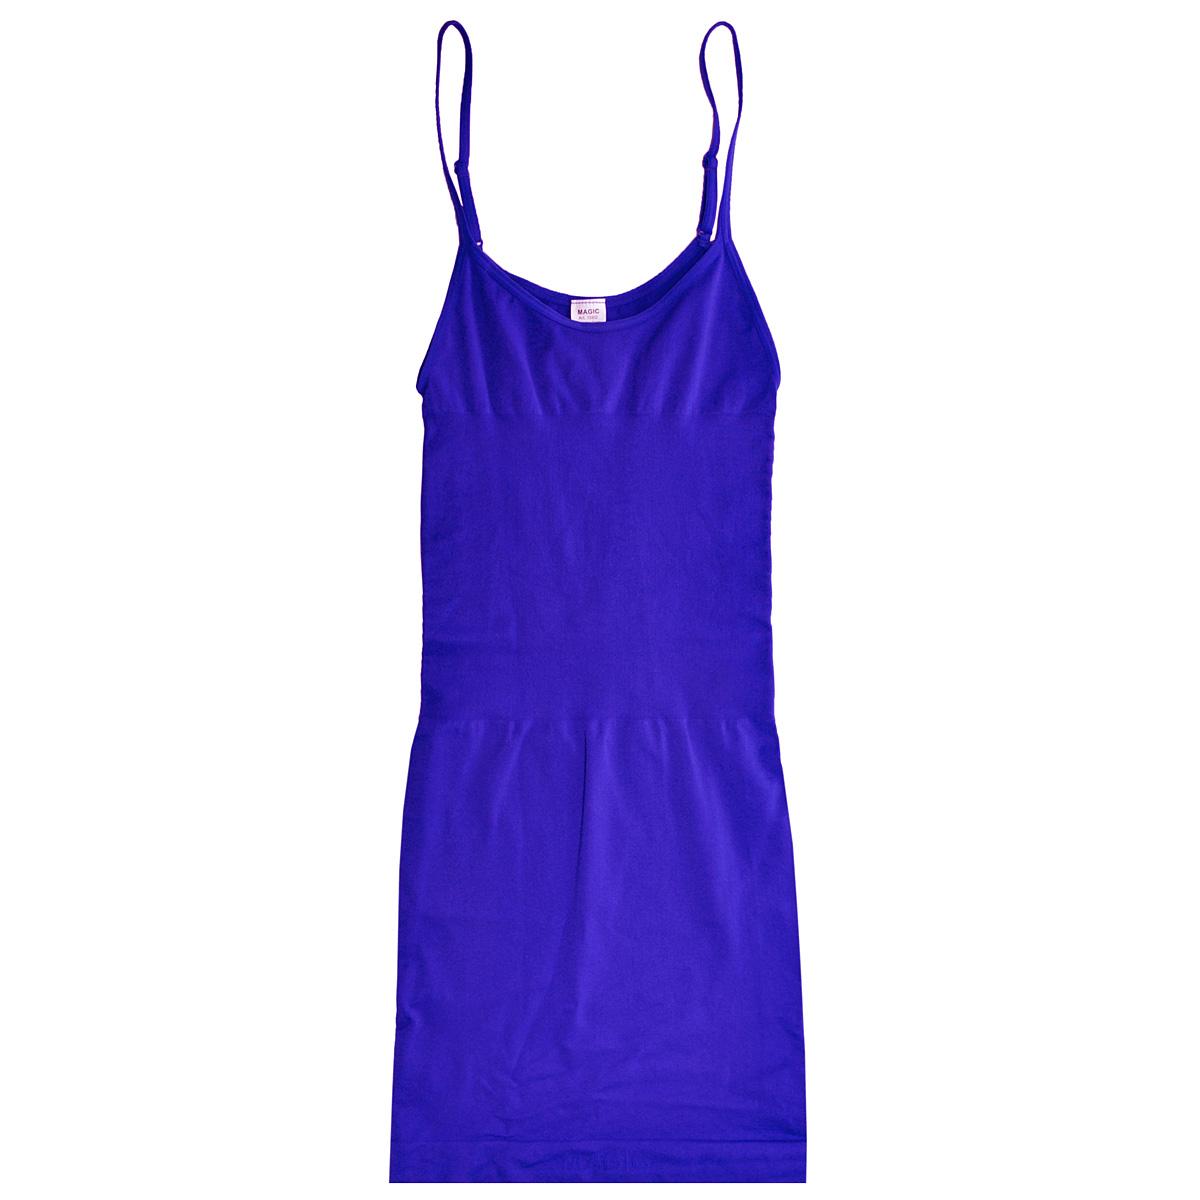 Платье Magic BodyFashion Seamless Dress, корректирующее, цвет: синий. 15BD. Размер S (44)15BDБесшовное корректирующее платье Magic BodyFashion Seamless Dress на тонких регулируемых бретелях очень удобное и комфортное в носке. Модель уменьшает живот и бедра, заметно корректирует объемы. Платье придаст вашему телу идеальные формы: сделает грудь и ягодицы подтянутыми, талию - стройной, а осанку - прямой. Функциональный покрой заметно подтягивает и моделирует фигуру, скрывая ее недостатки.Крой платья необычен, благодаря чему его невозможно заметить под любой одеждой, оно практически не ощущается на коже, позволяет чувствовать себя комфортно и легко. Изделие позволяет приобрести выразительные линии своего тела за считанные секунды (можно скрыть все лишнее и придать объем там, где необходимо).Белье Magic BodyFashion создано для тех, кто стремится к безупречности своего стиля. Именно благодаря ему огромное количество женщин чувствуют себя поистине соблазнительными, привлекательными и не на шутку уверенными в себе.